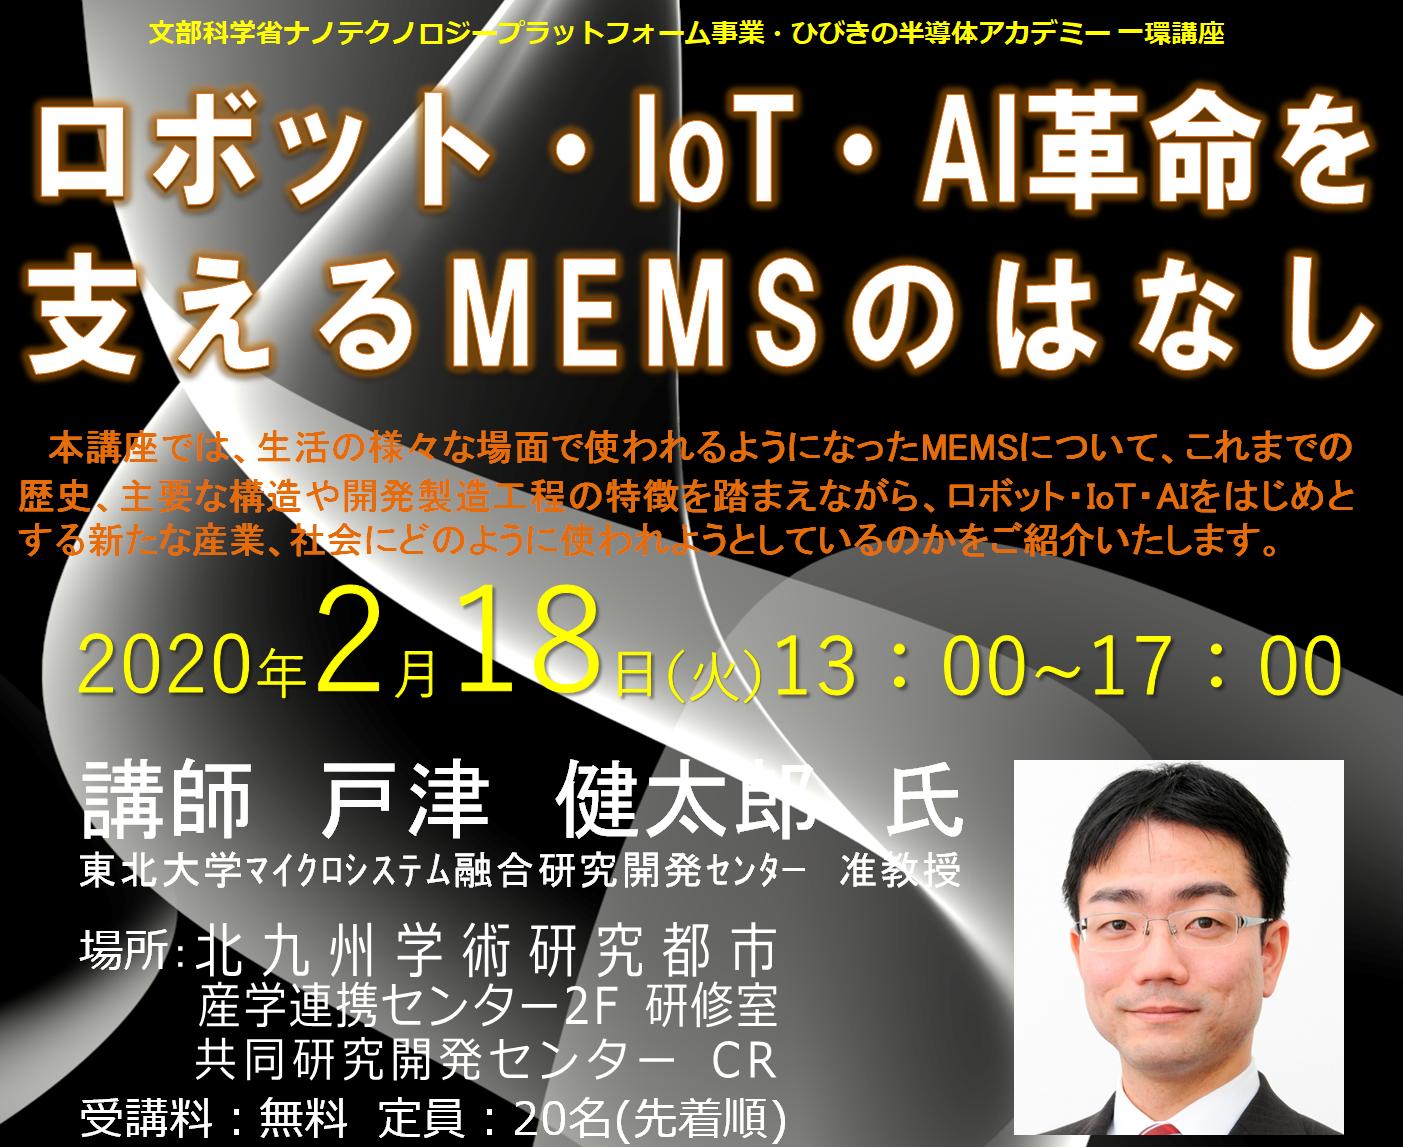 ロボット・IoT・AI革命を支えるMEMSのはなし.png